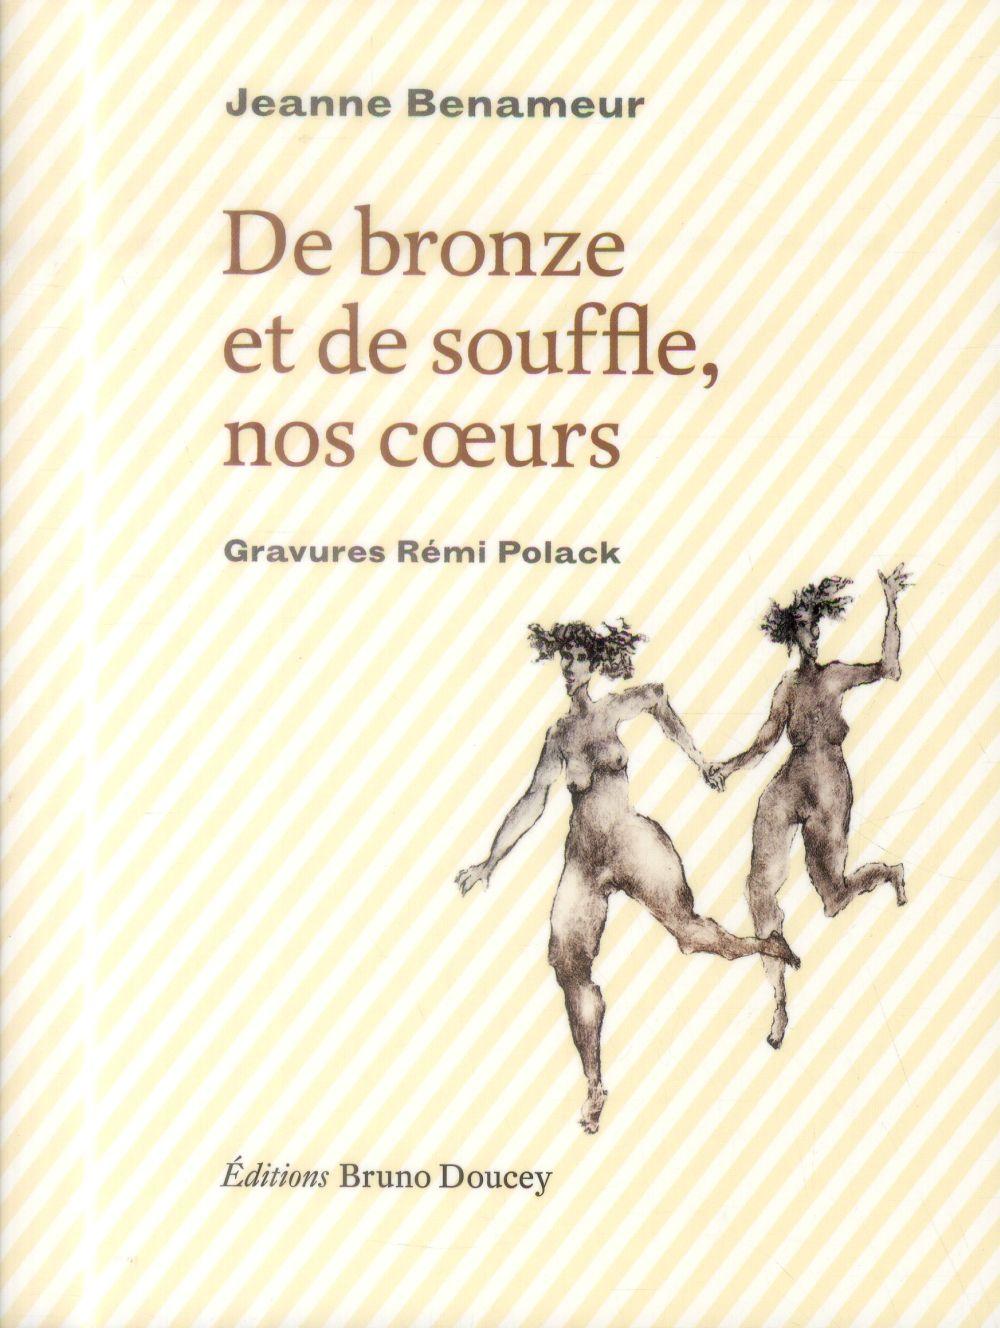 De bronze et de souffle, nos coeurs